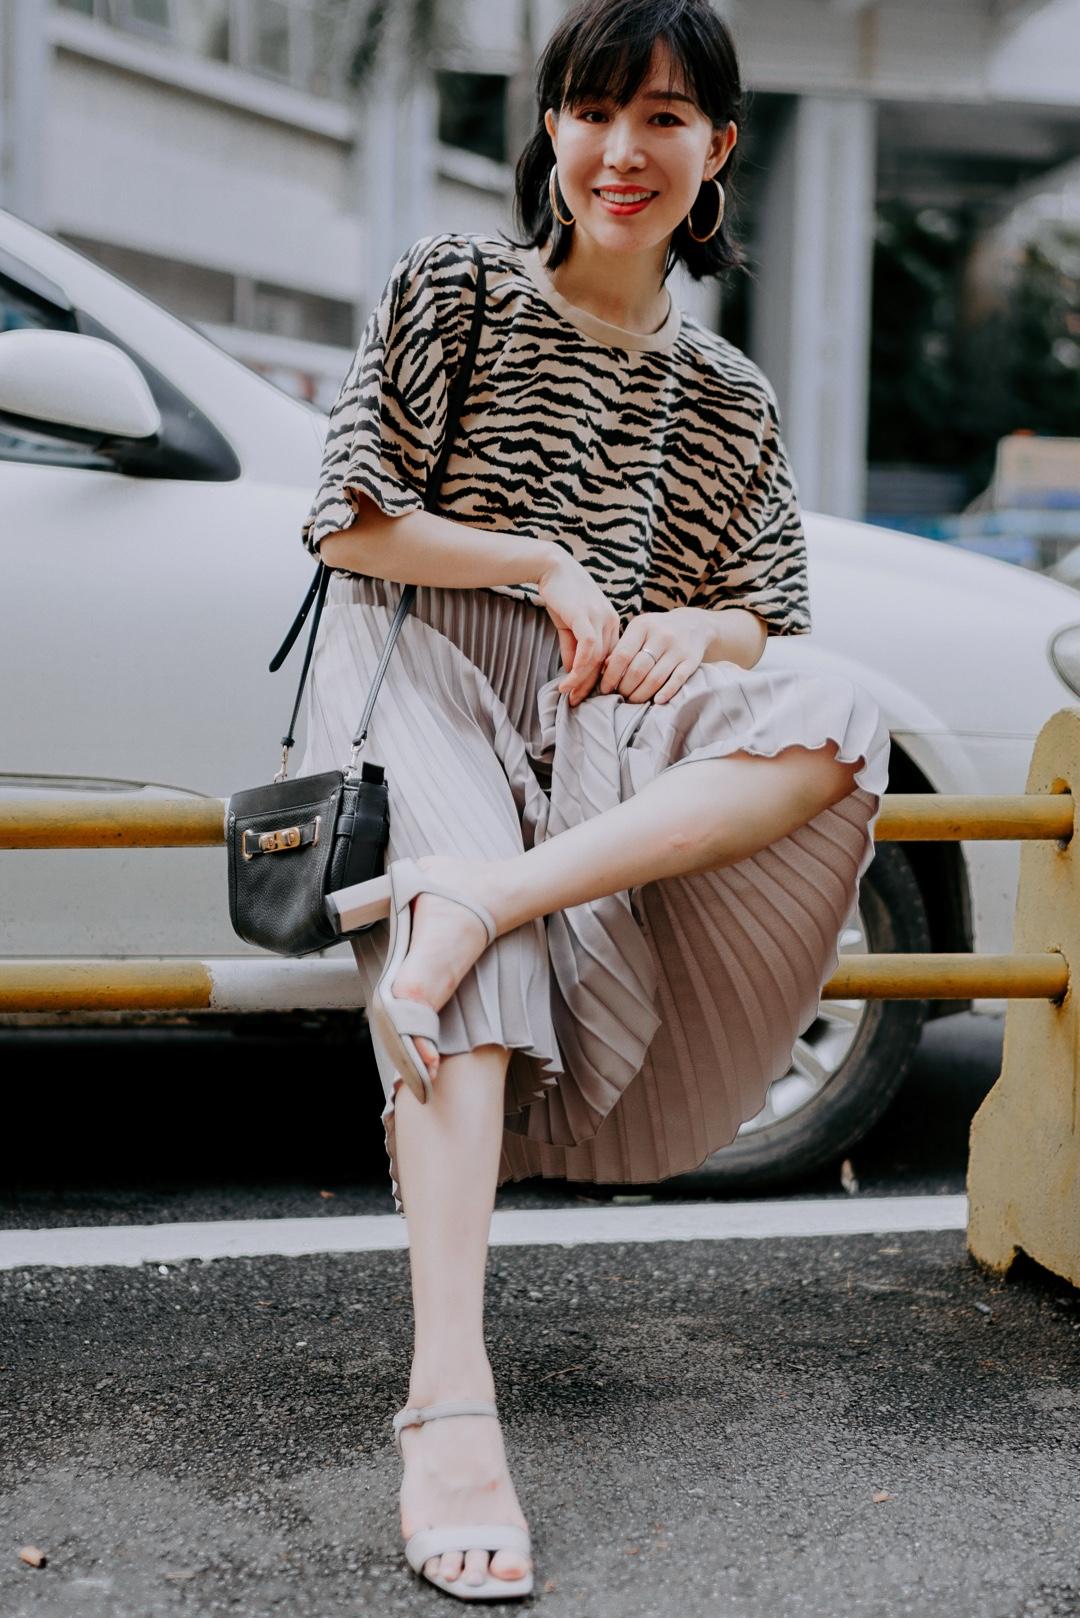 虎皮纹这样穿也可以上班 上身是虎皮纹的休闲T,感觉很潮的样子,下半身混搭了非常优雅的灰色百褶裙,让动物纹也没那么野性了,长长的百褶裙,也显得腿很修长,搭配裸灰色的百搭高跟鞋,拿上简约黑色的包包,一对金色大圈圈耳环,你就是办公室最靓的那个丫  #上短下长,腿长一米八!#